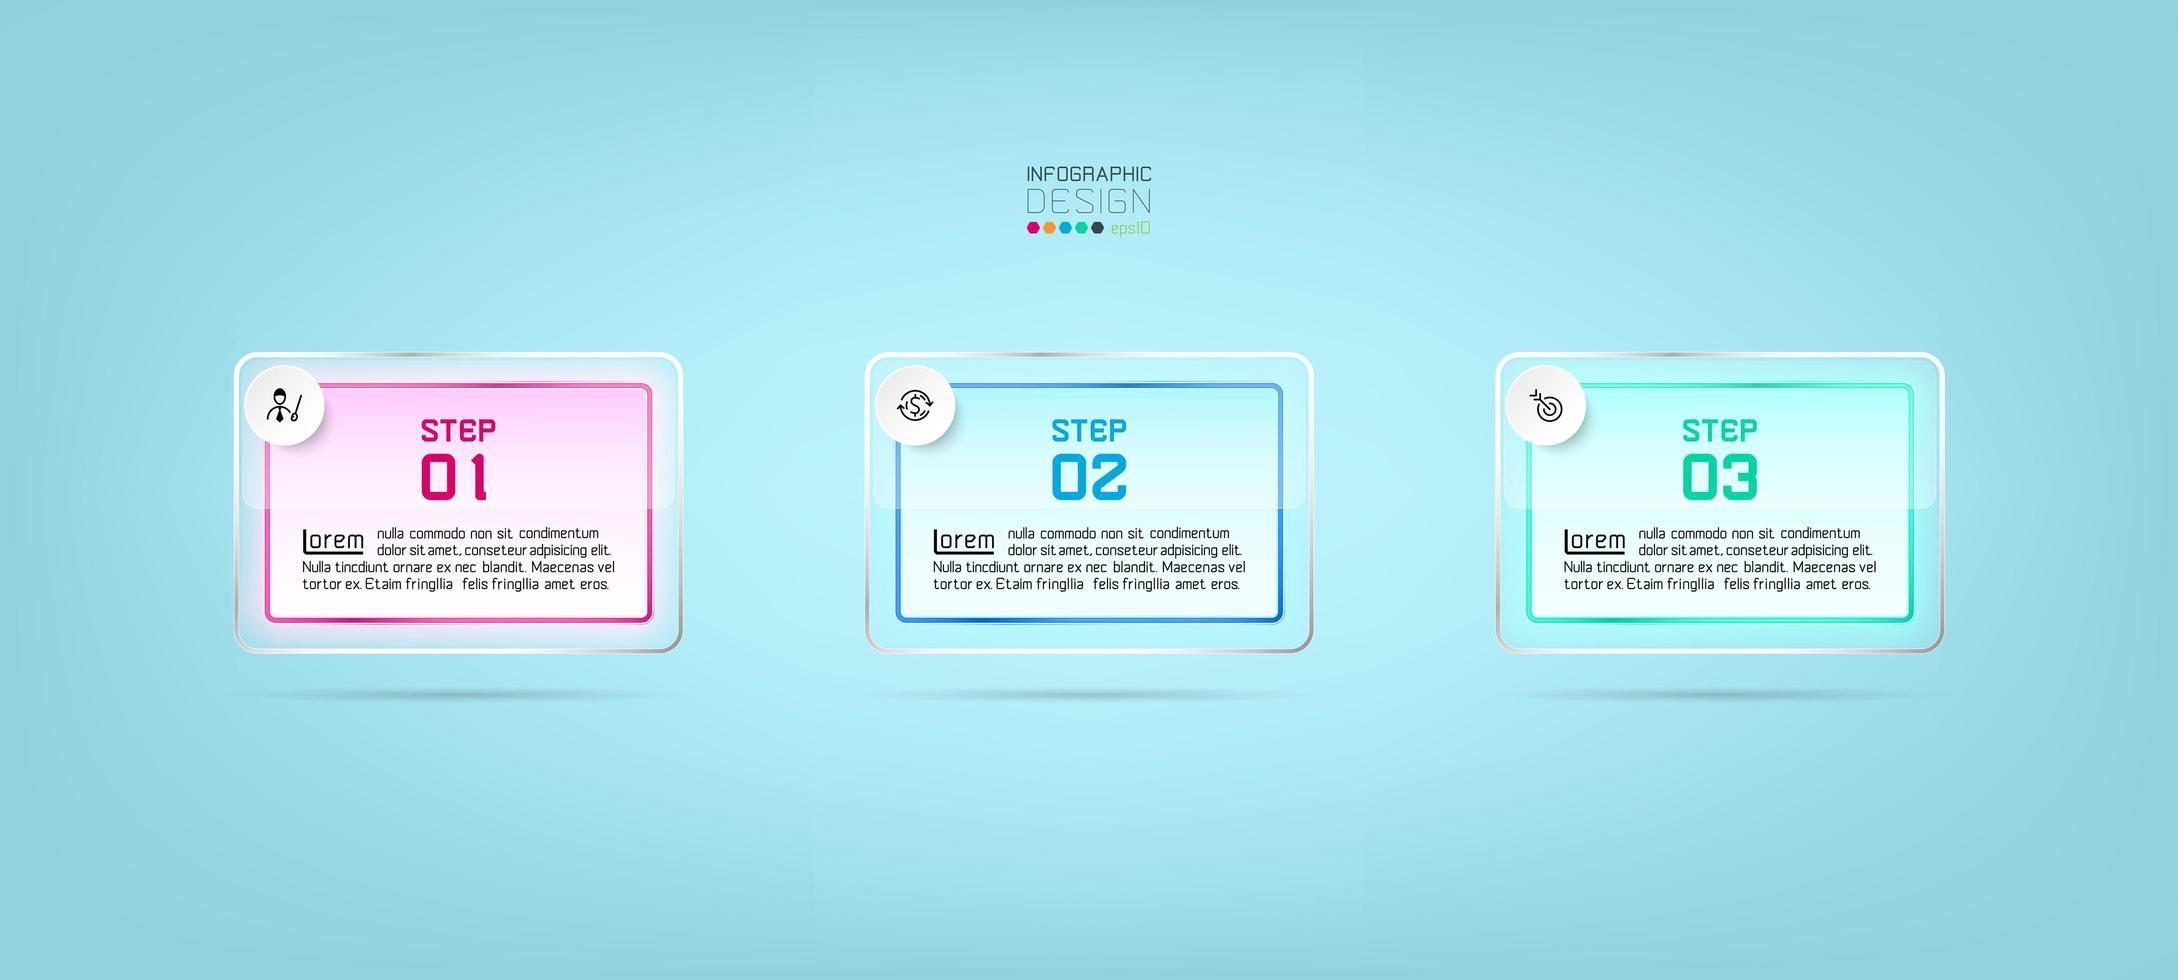 glazen rechthoeken, 3-stappen infographic sjabloonontwerp vector